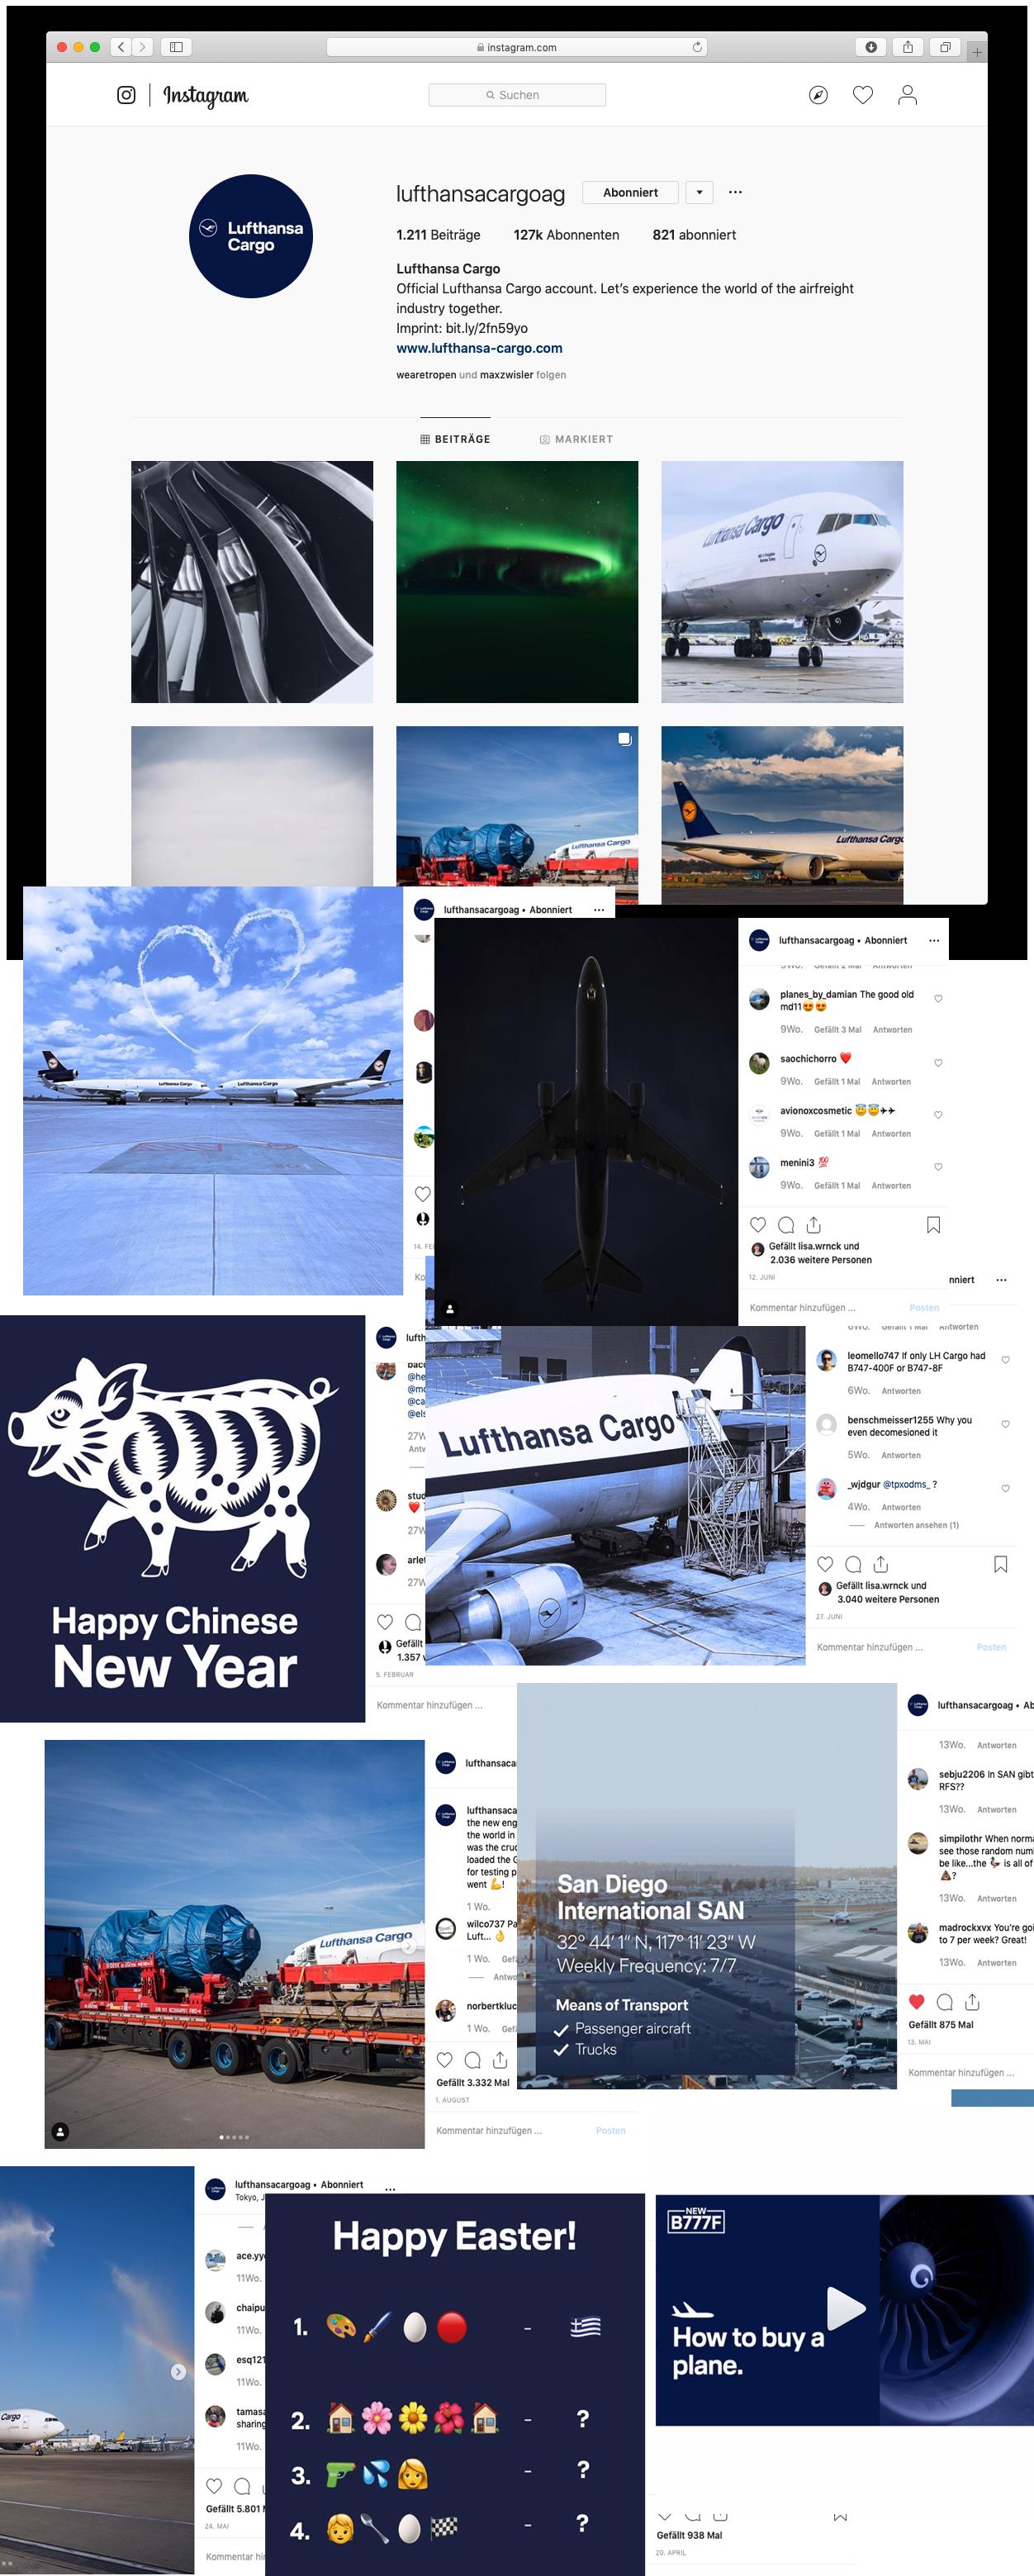 Lufthansa_Cargo_Instagram_TROPEN.png